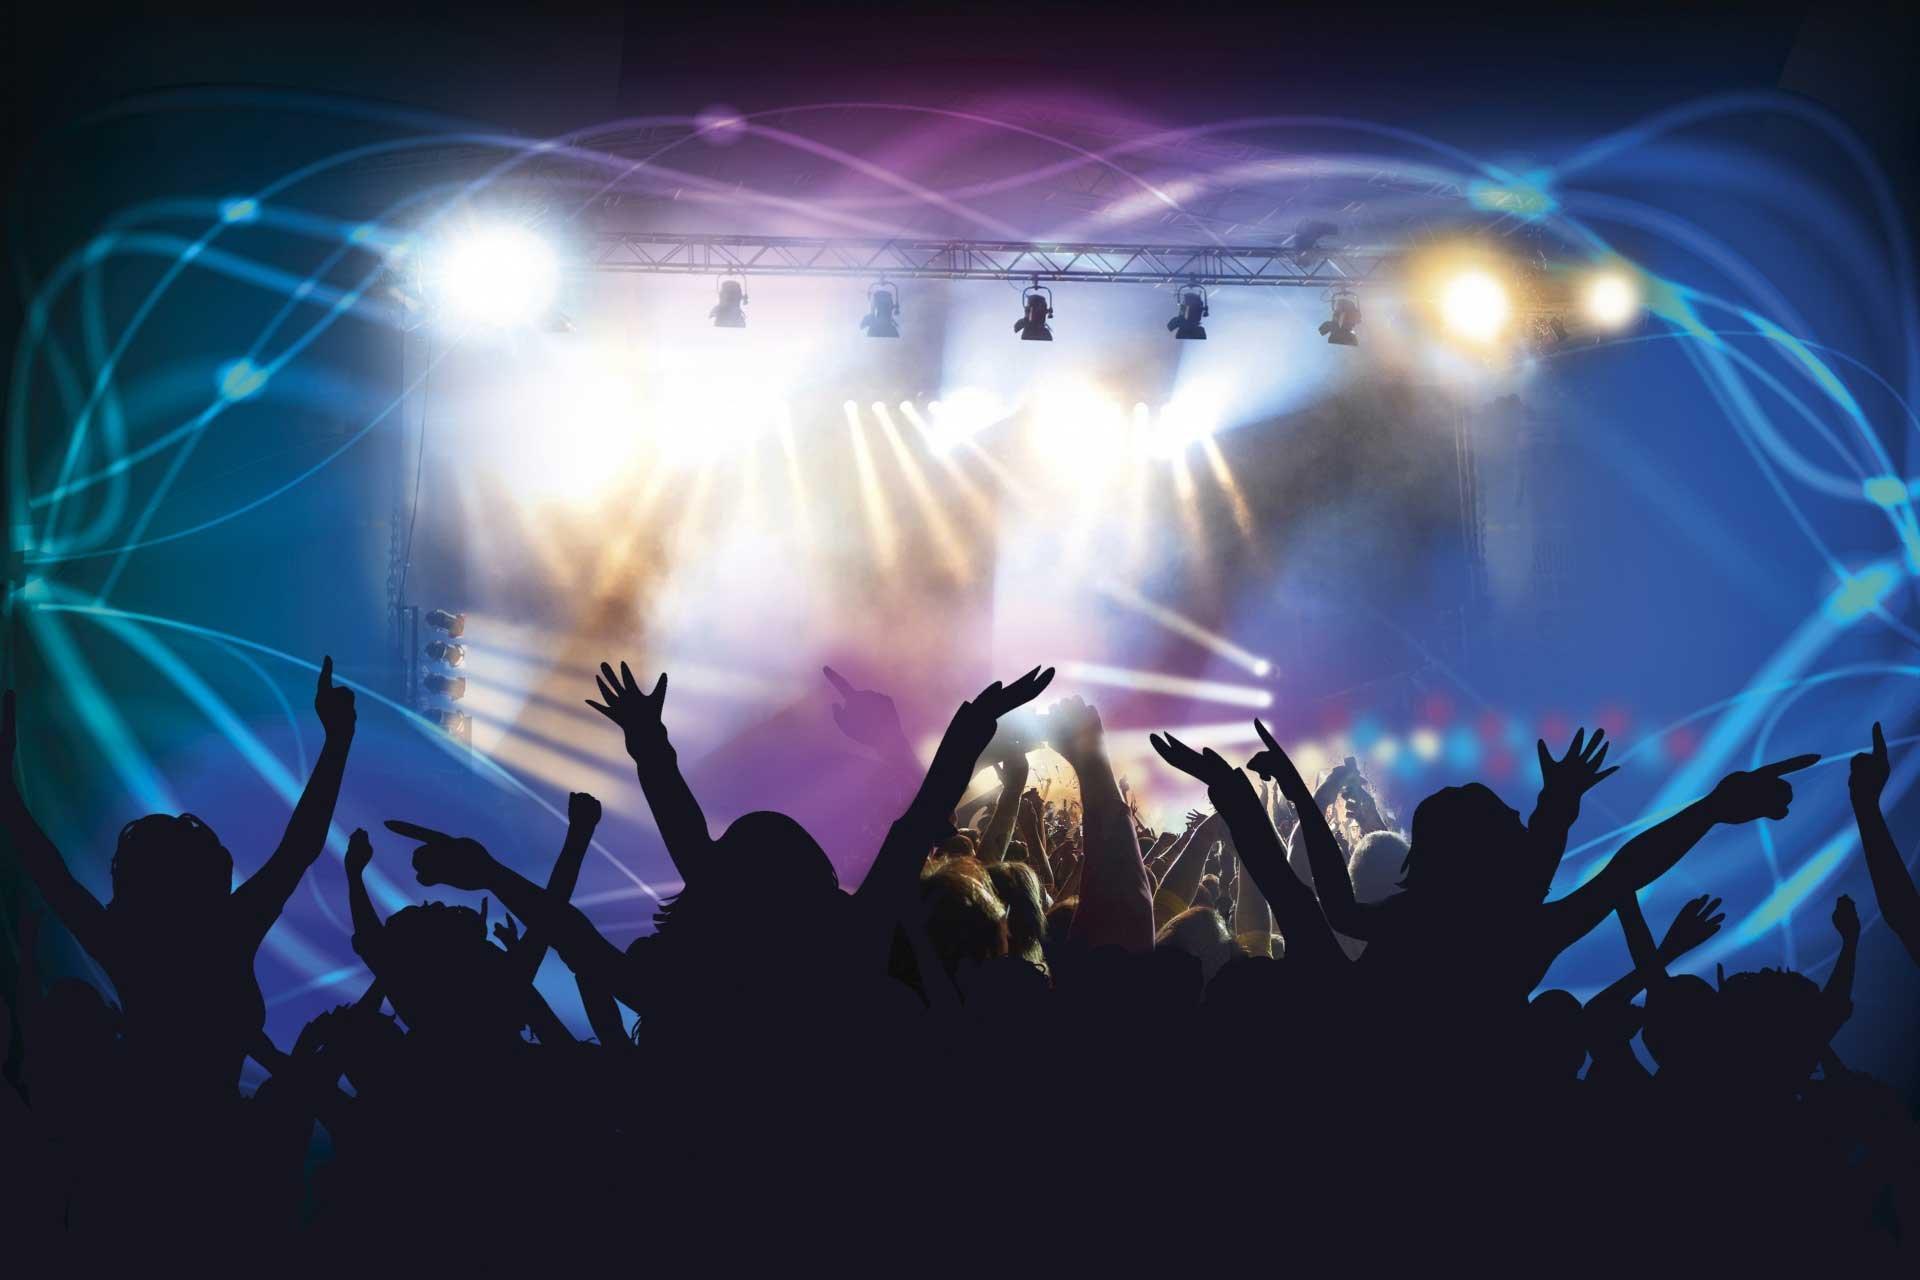 rock-concert-1494235506Xle